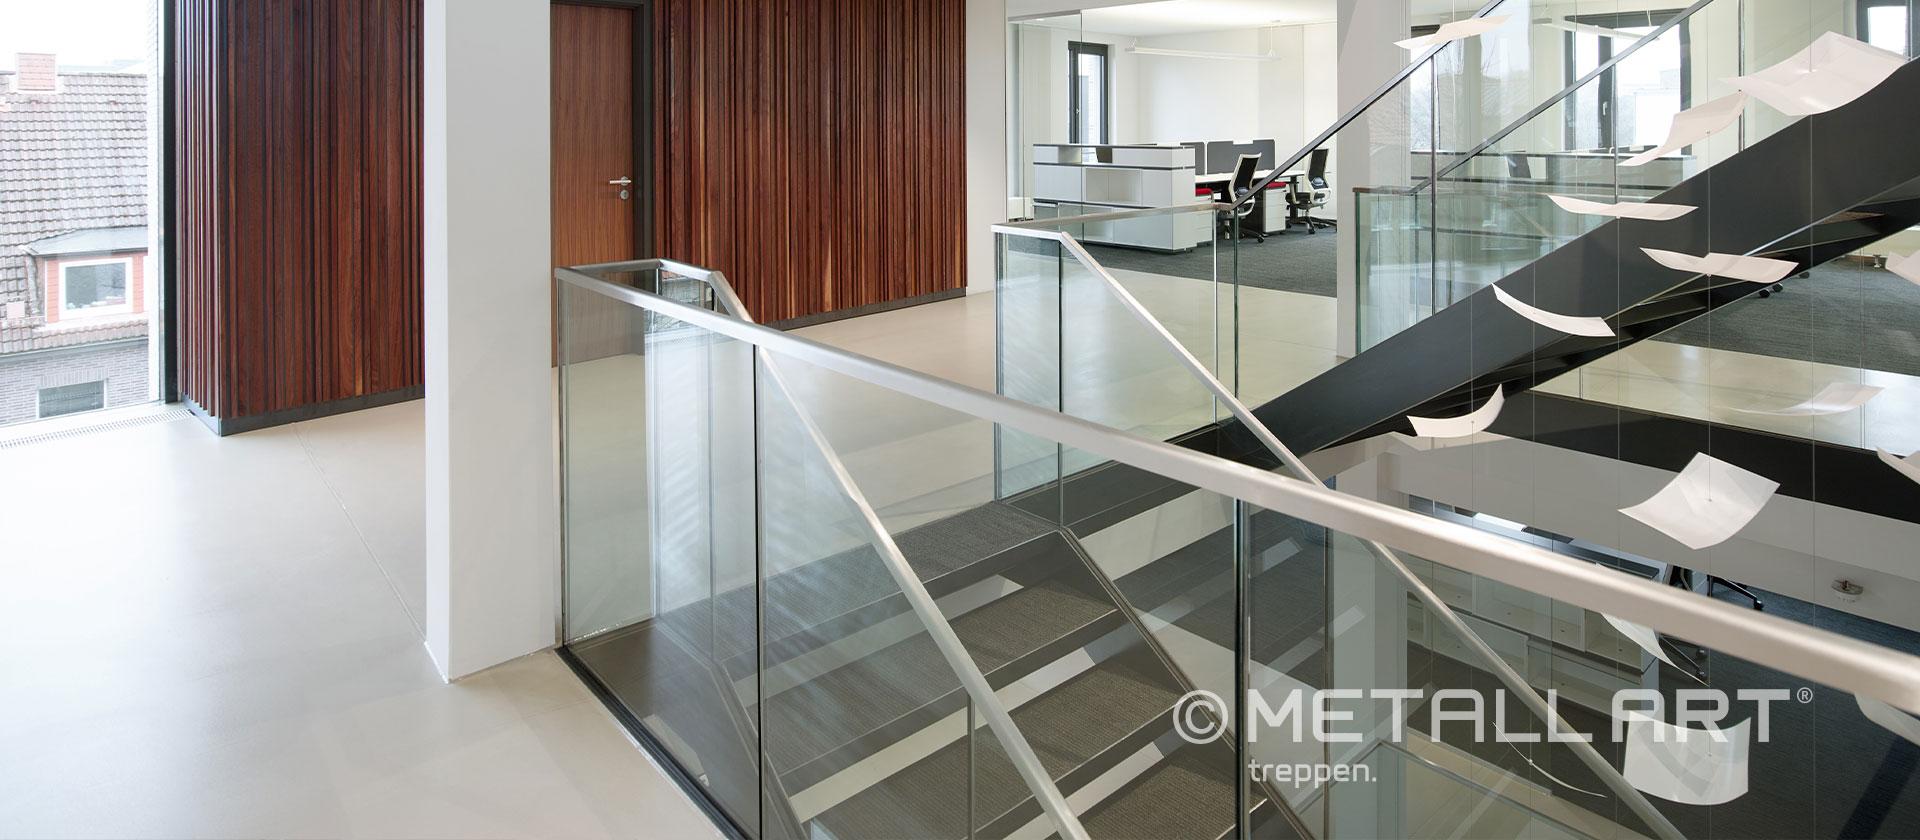 Glasgeländer für eine Stahltreppe